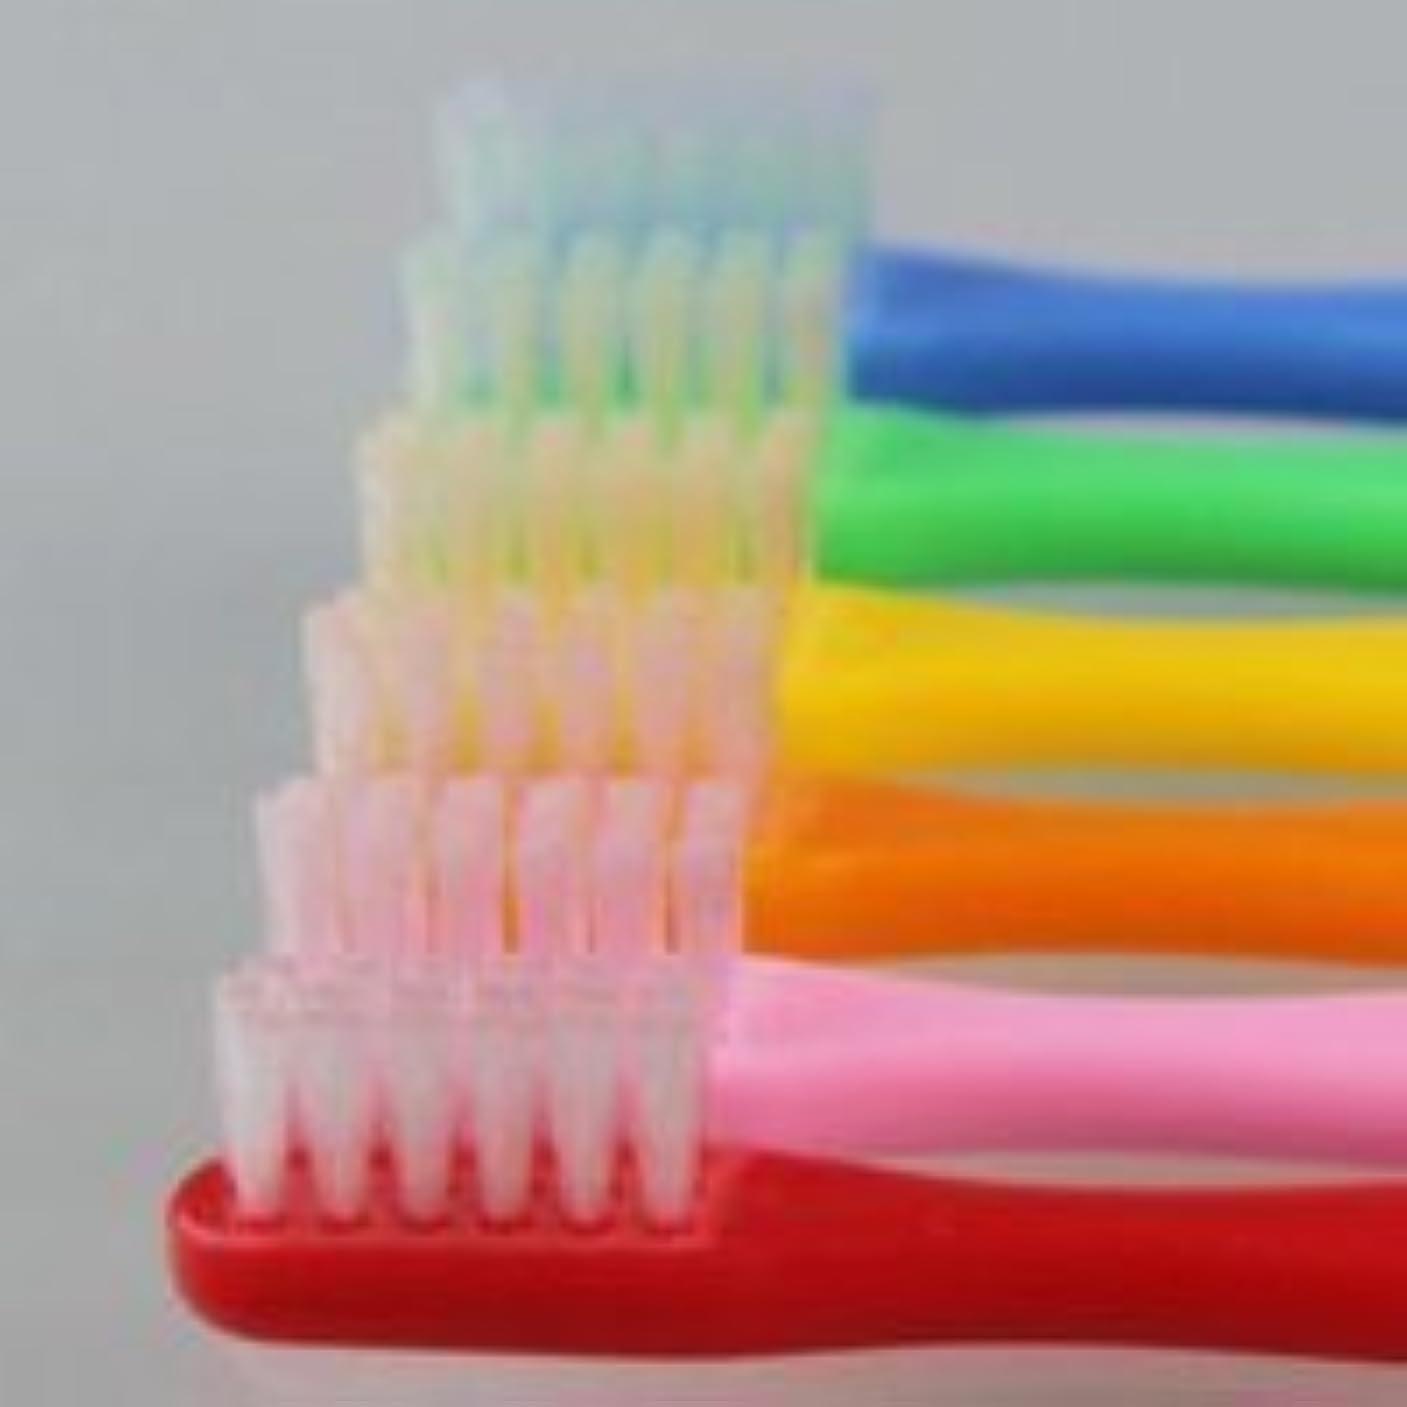 もっとクリエイティブレスリングサムフレンド 歯ブラシ #10(乳歯~6才向け) 6本 ※お色は当店お任せです